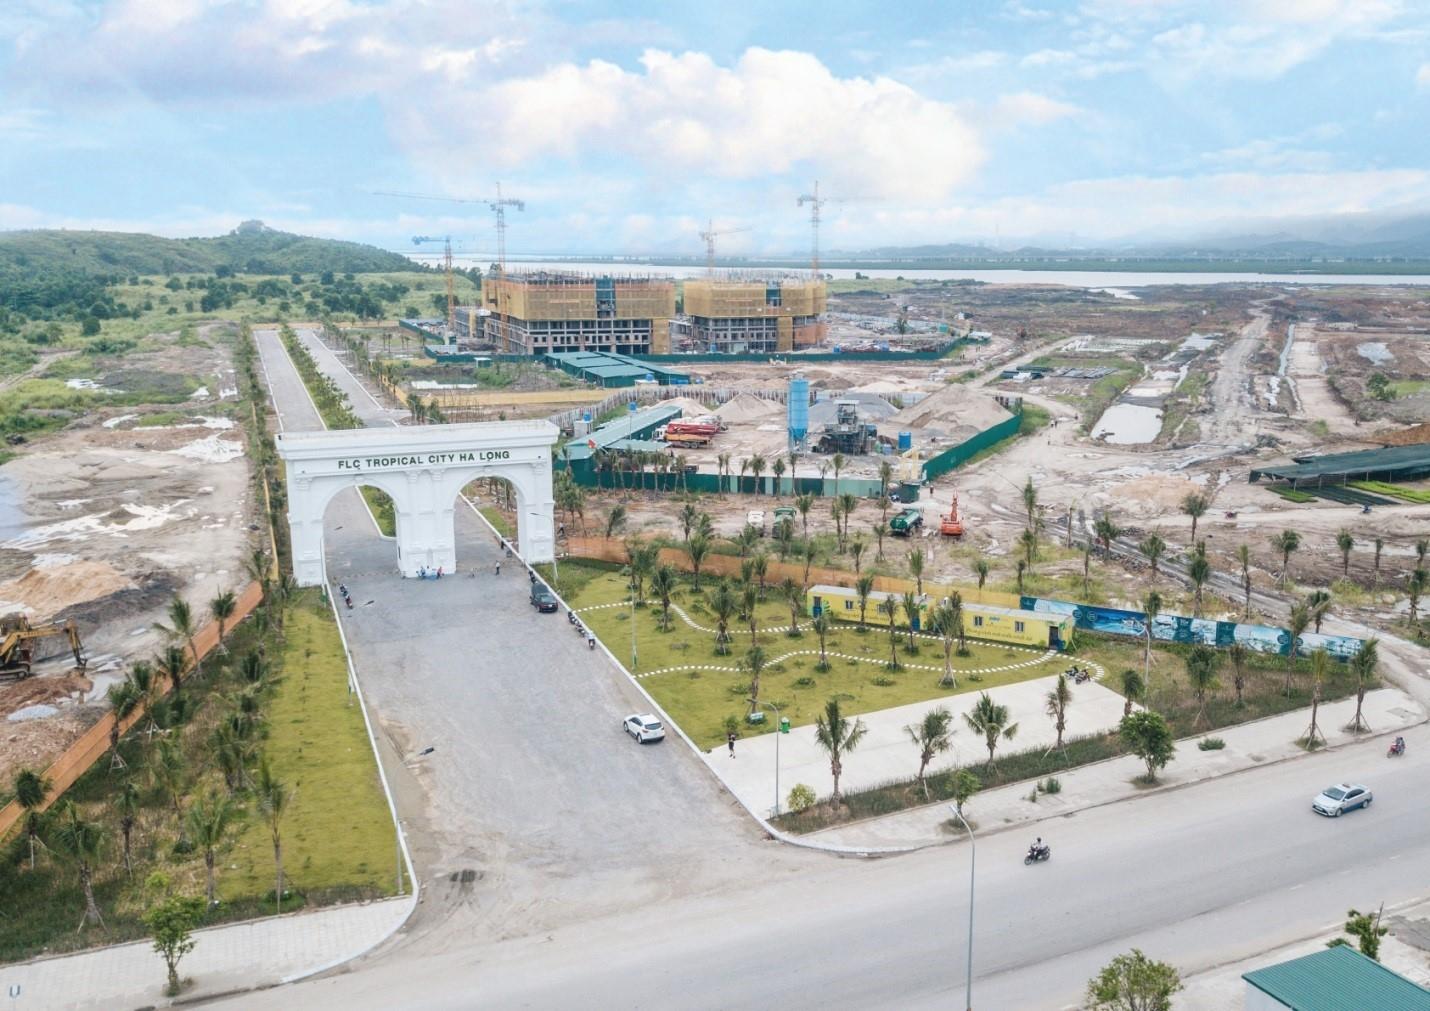 Tập đoàn FLC có nguy cơ bị 'cấm cửa' trên địa bàn tỉnh Quảng Ninh - Ảnh 1.